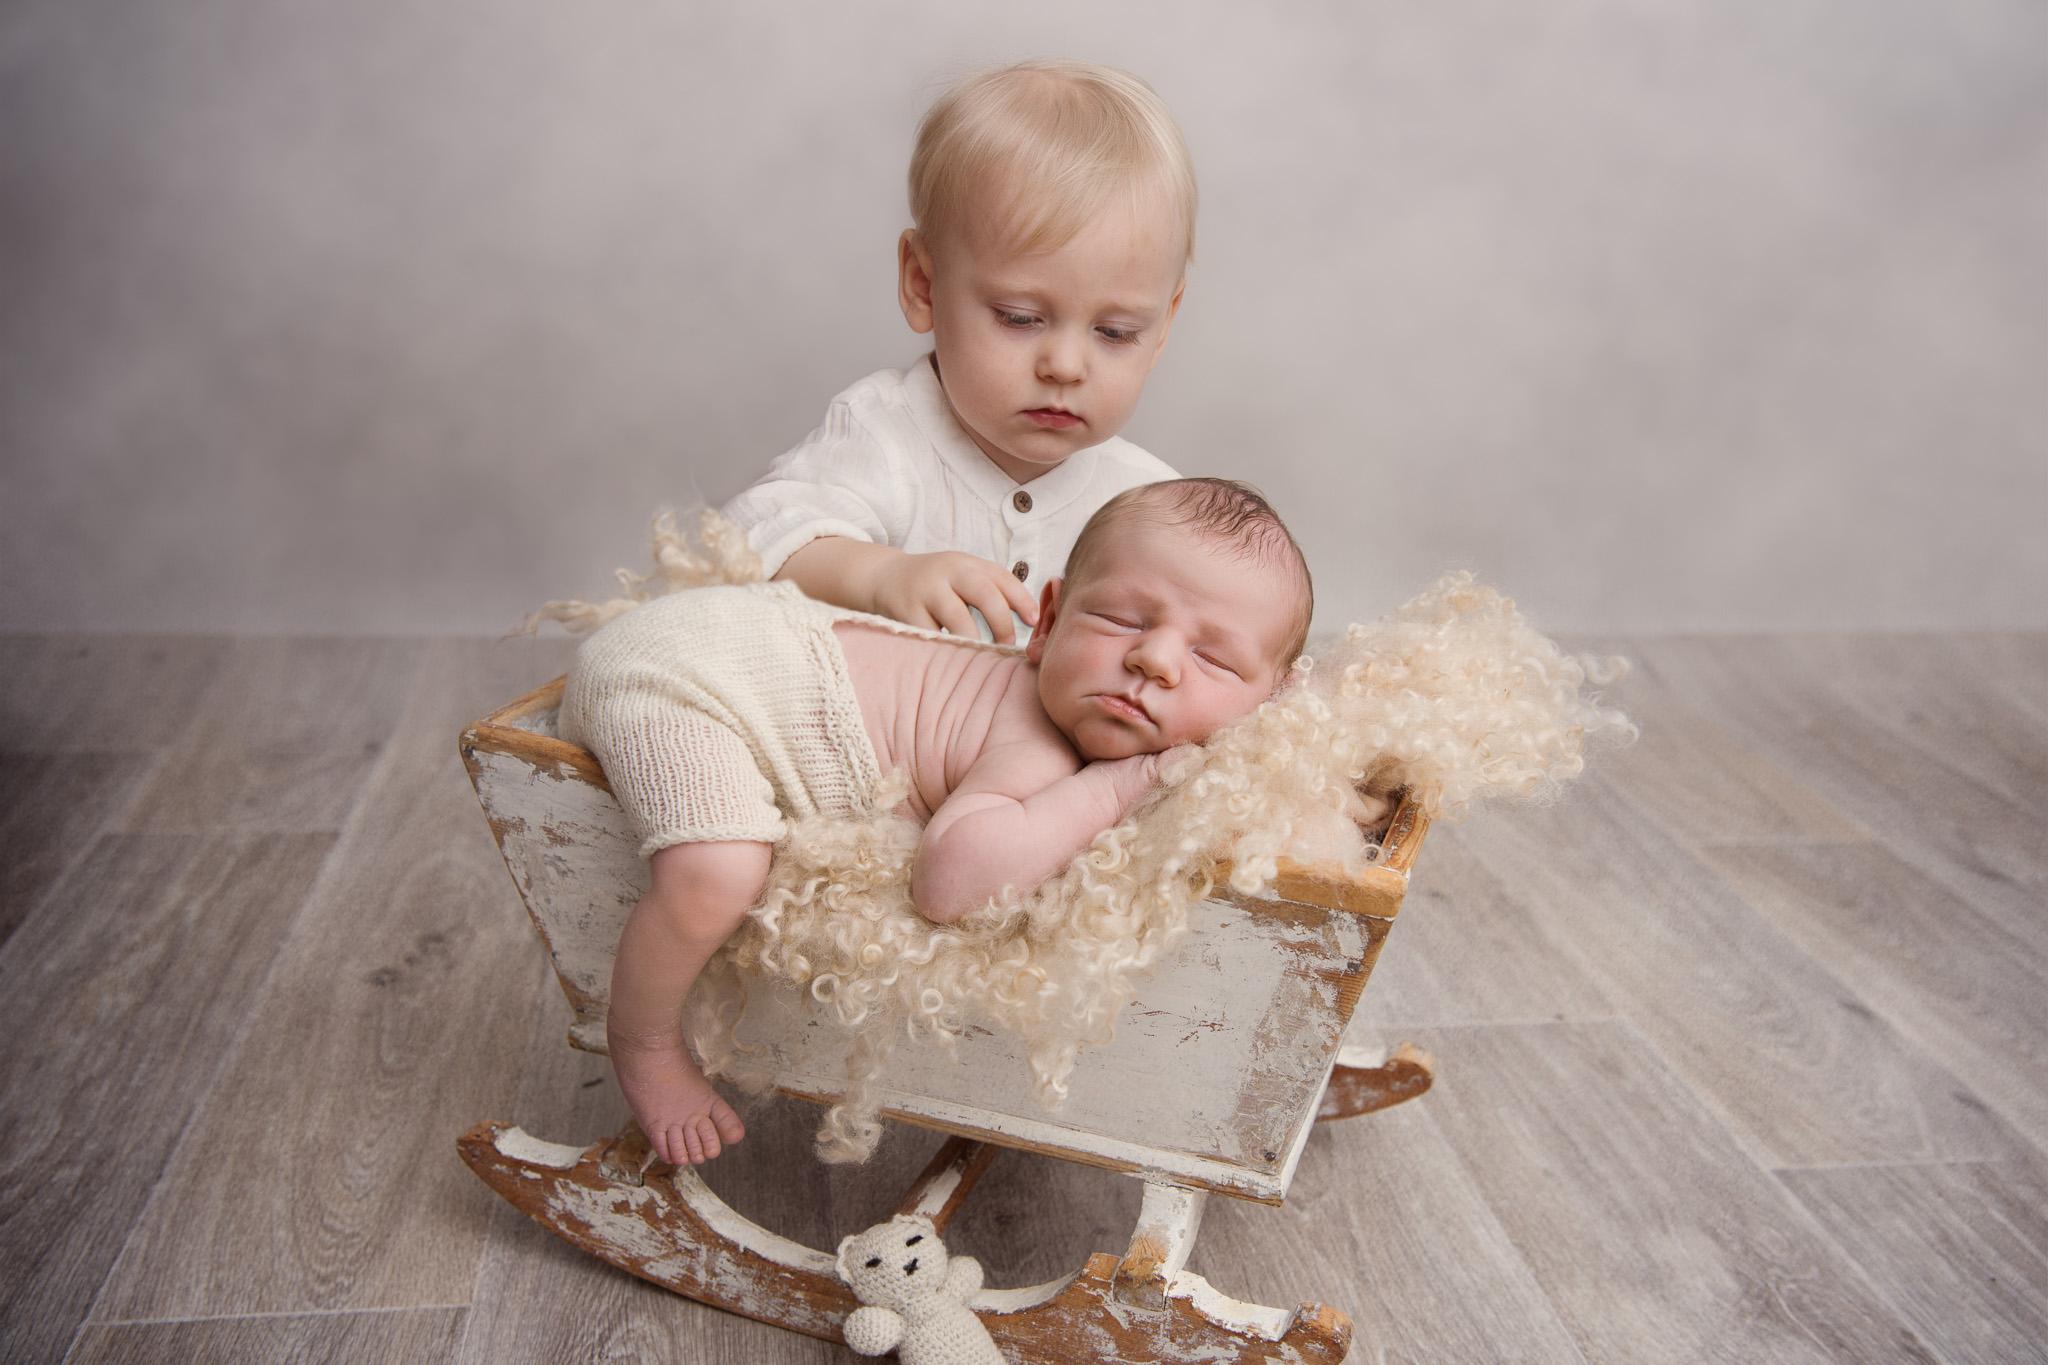 Barnfotograf Kristianstad Smallmoments by Any-photo -4496